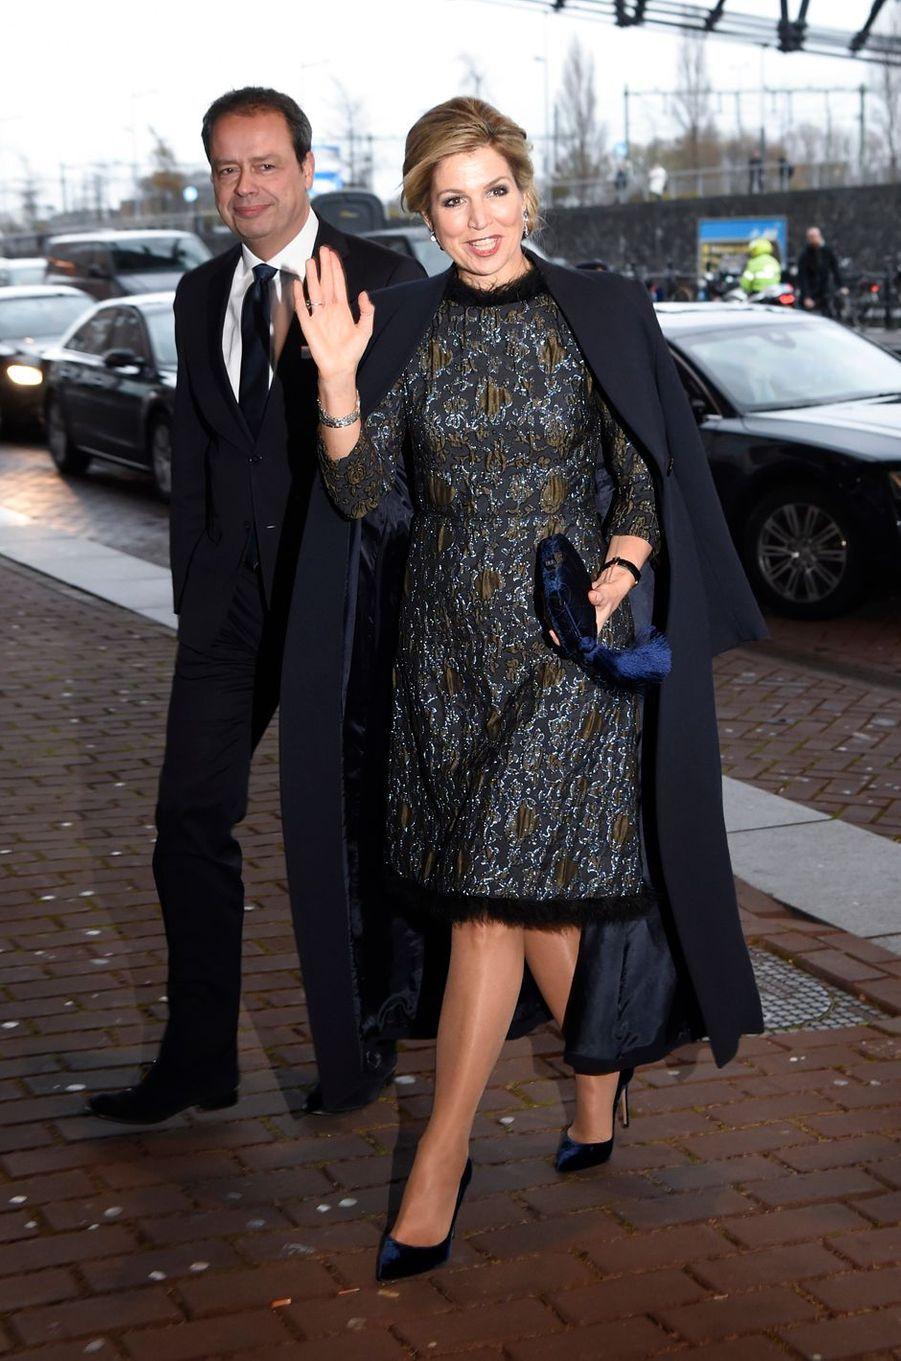 La reine Maxima des Pays-Bas dans une robe Natan à Amsterdam, le 27 novembre 2017